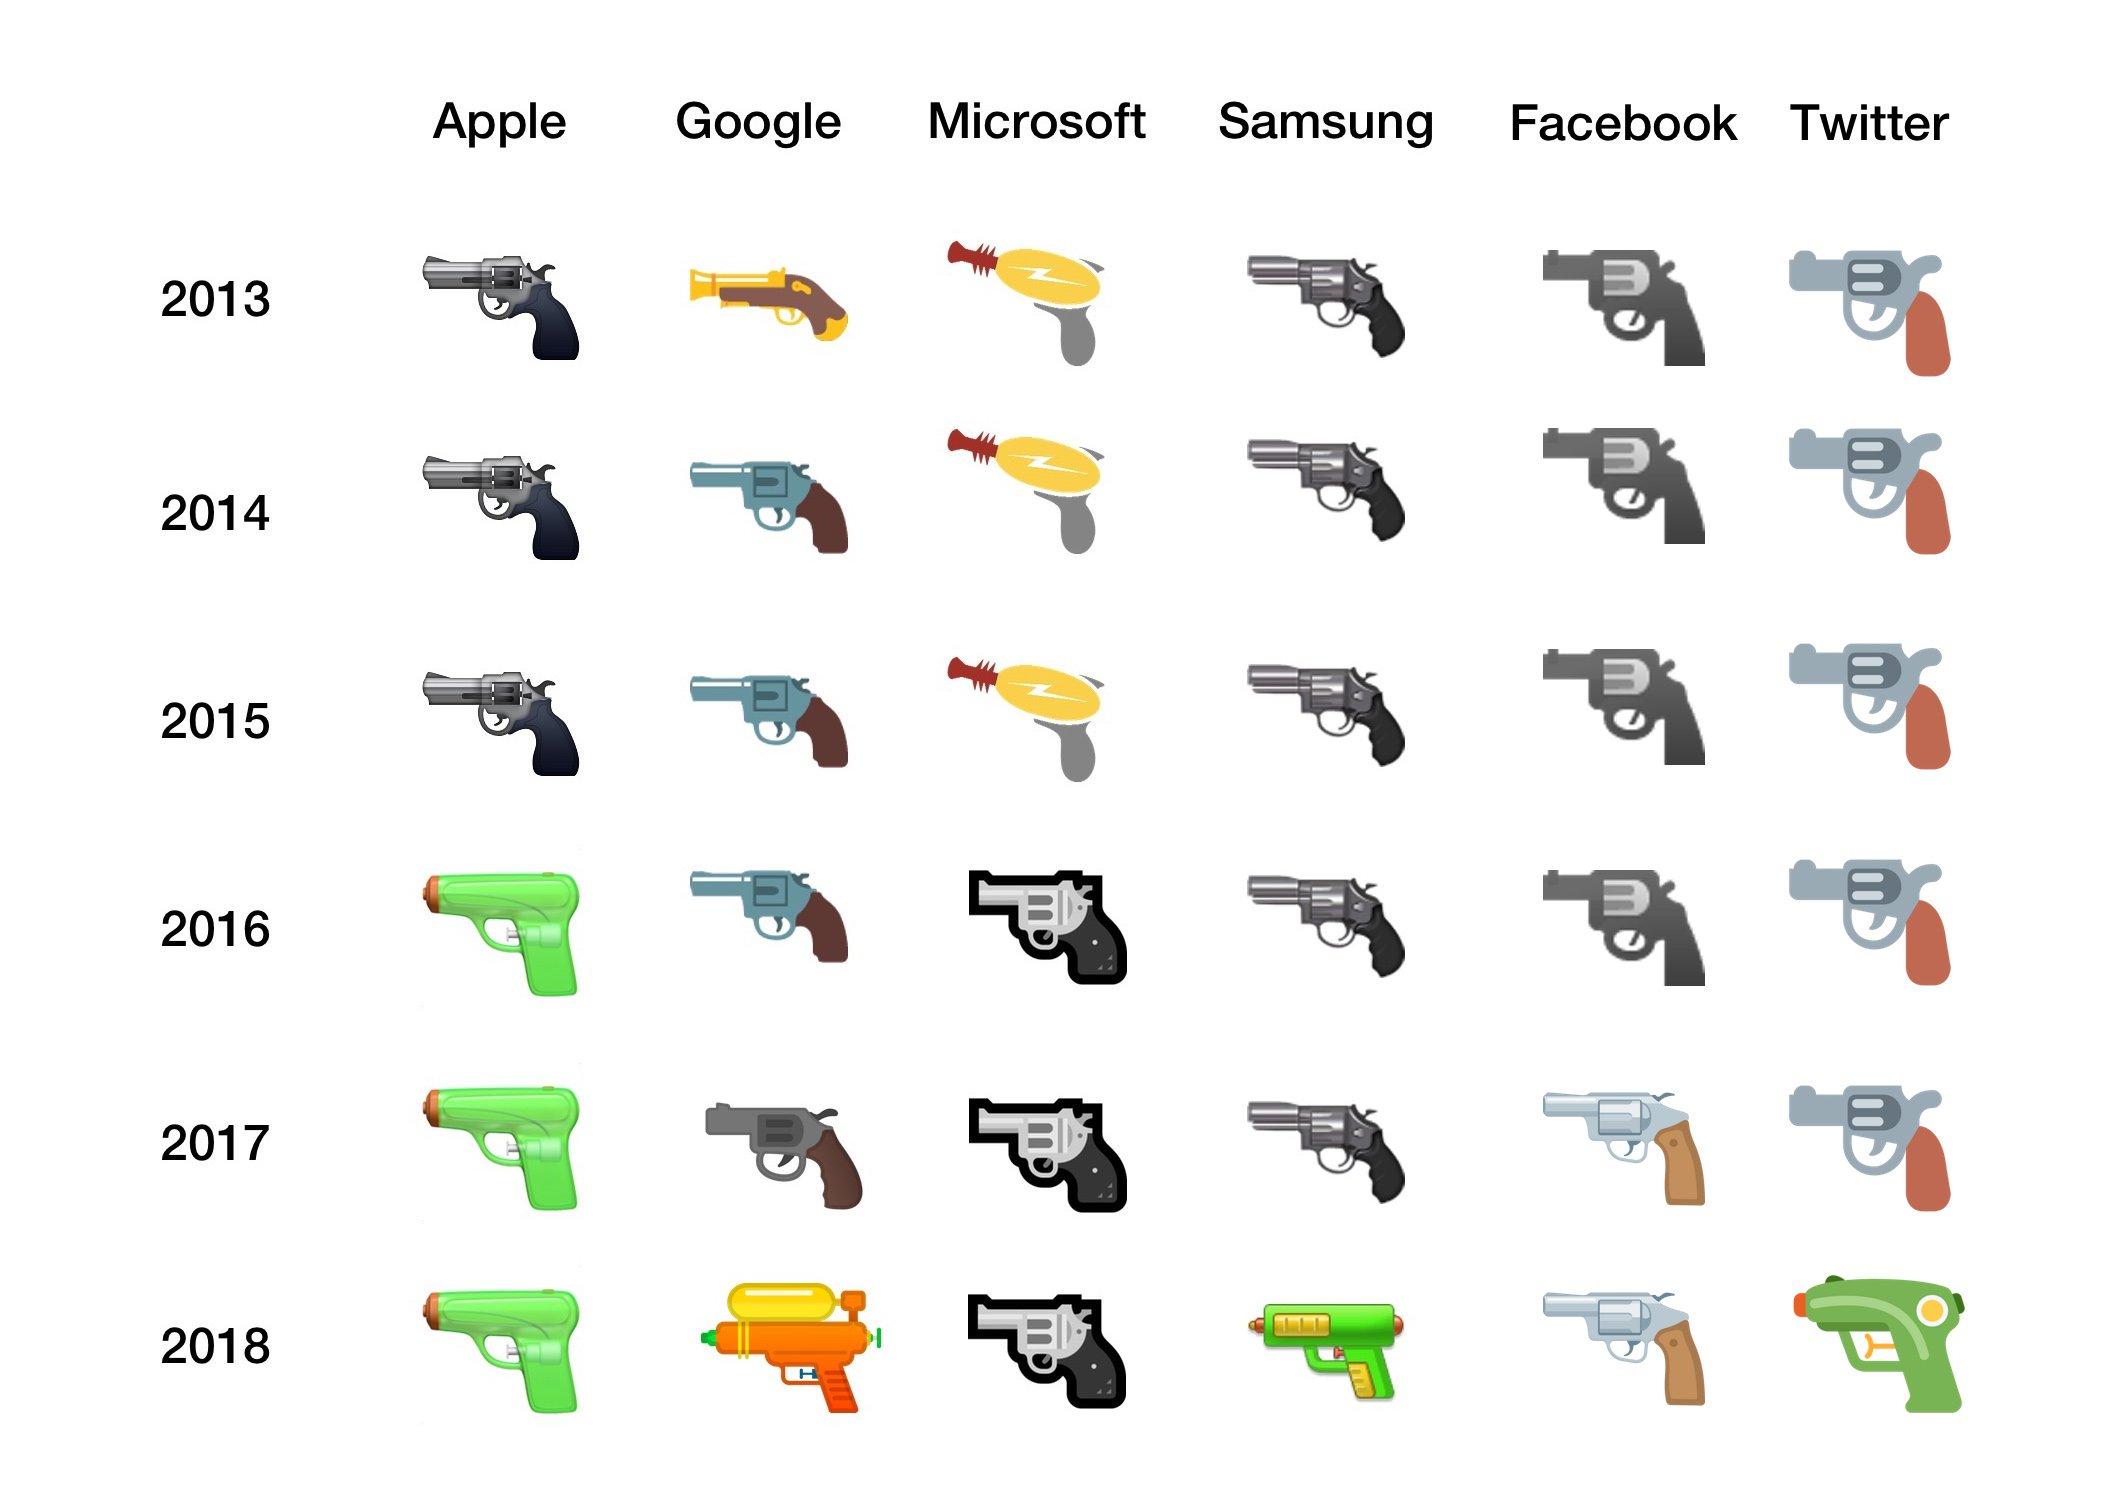 Reemplazan el emoji del revolver por una pistola de agua